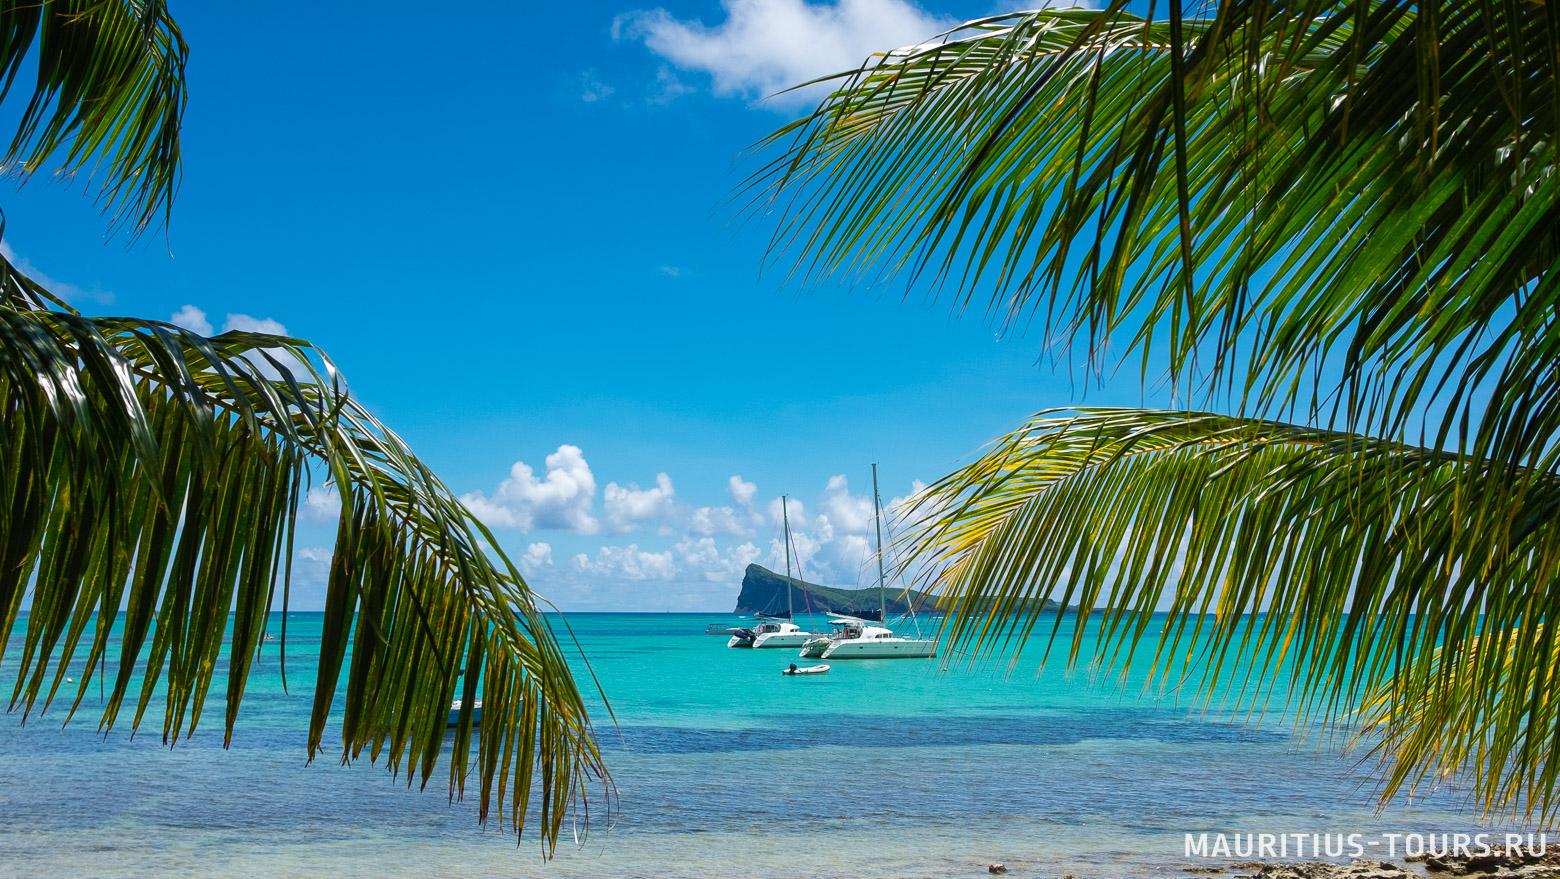 Когда лучше отдыхать на Маврикии? Сезоны и погода по месяцам